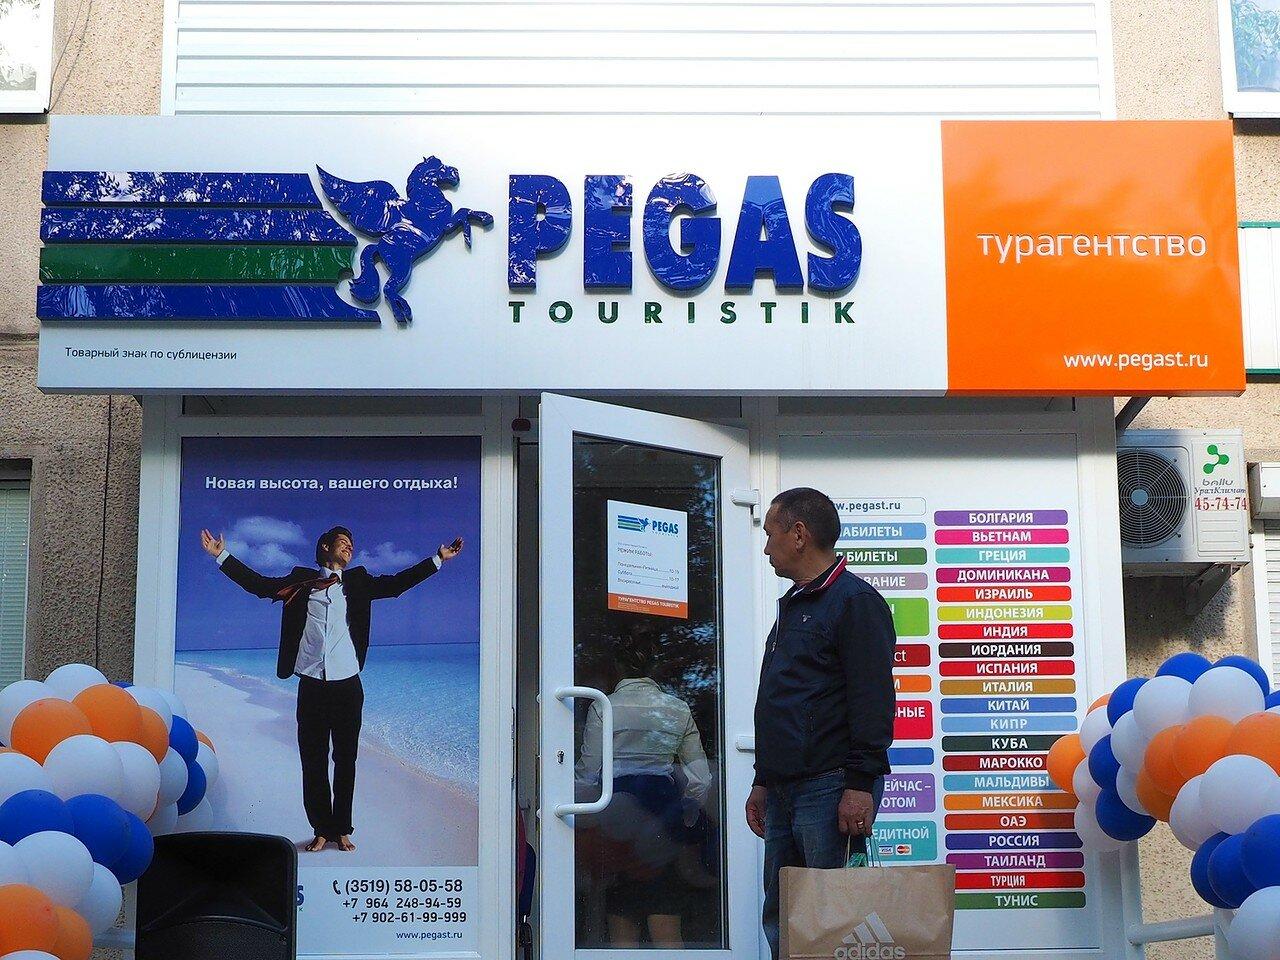 6 Открытие нового офиса Pegas Touristik 14.06.2017